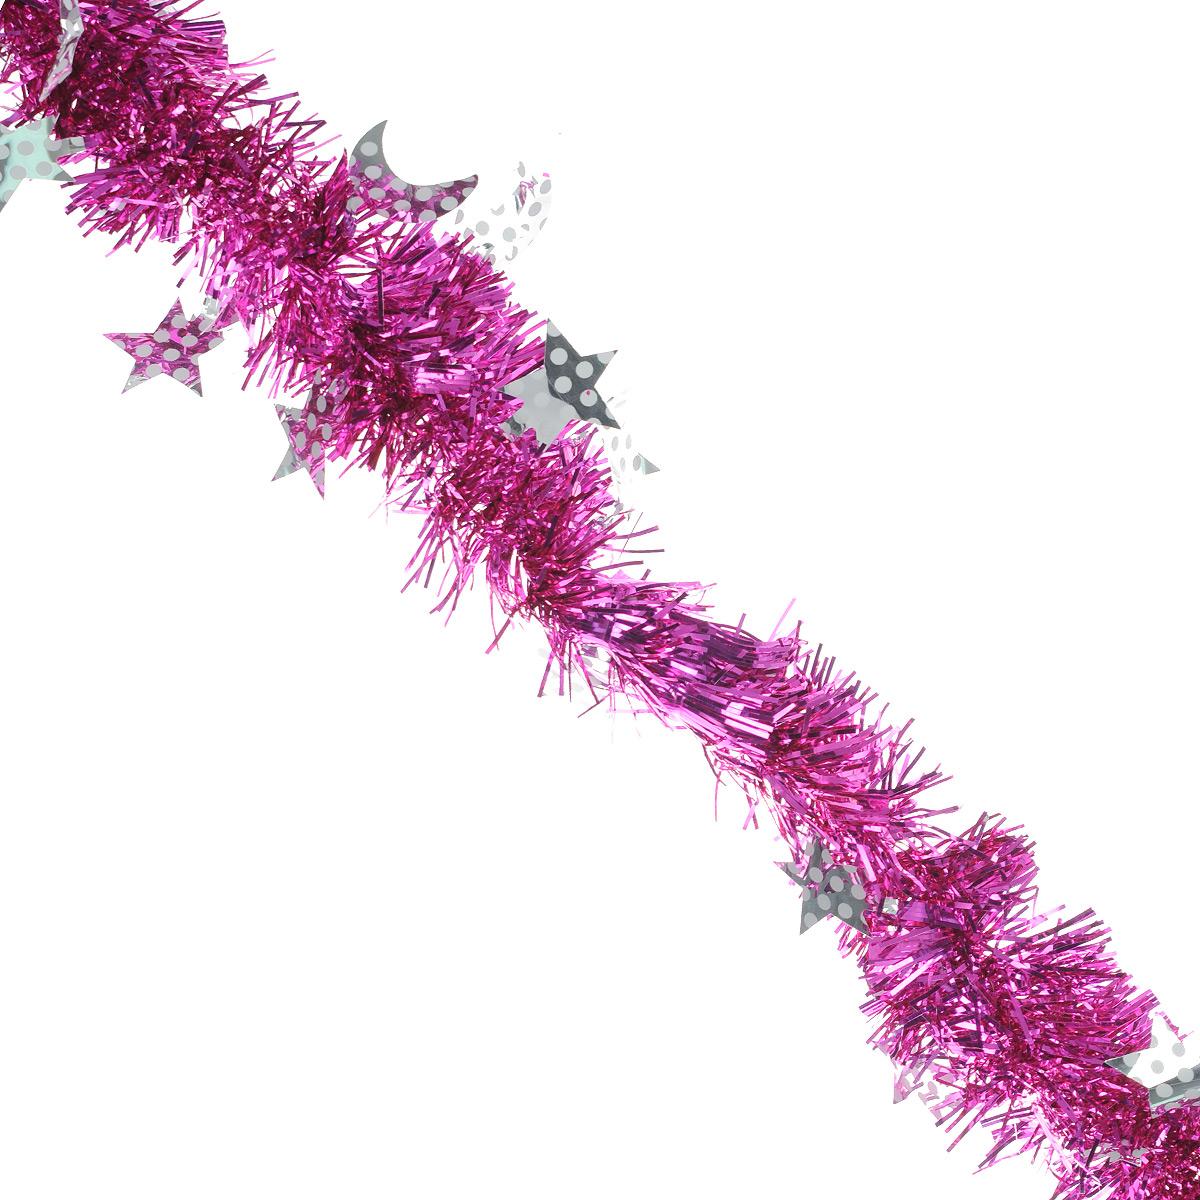 Мишура новогодняя Sima-land, цвет: серебристый, фиолетовый, диаметр 6 см, длина 2 м. 825974825974Мишура новогодняя Sima-land, выполненная из двухцветной фольги, поможет вам украсить свой дом к предстоящим праздникам. Мишура армирована, то есть имеет проволоку внутри и способна сохранять приданную ей форму. Новогодняя елка с таким украшением станет еще наряднее. Новогодней мишурой можно украсить все, что угодно - елку, квартиру, дачу, офис - как внутри, так и снаружи. Можно сложить новогодние поздравления, буквы и цифры, мишурой можно украсить и дополнить гирлянды, можно выделить дверные колонны, оплести дверные проемы. Коллекция декоративных украшений из серии Зимнее волшебство принесет в ваш дом ни с чем несравнимое ощущение праздника! Создайте в своем доме атмосферу тепла, веселья и радости, украшая его всей семьей.